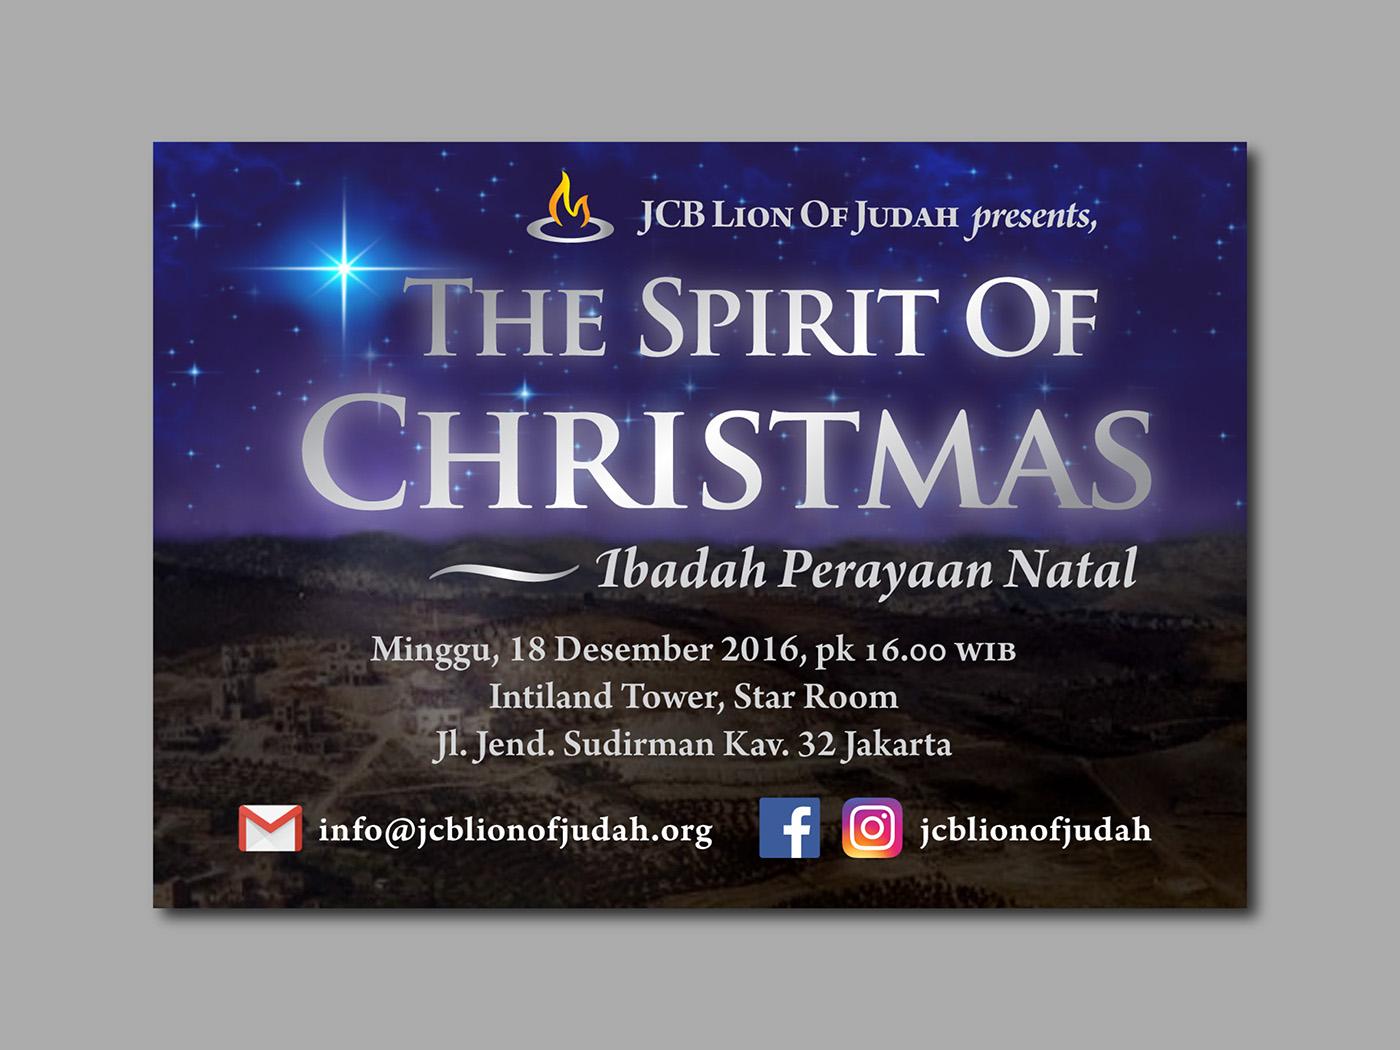 flyer designs jcb lion of judah on behance city blessing logo courtesy of city blessing church christmas invitation flyer